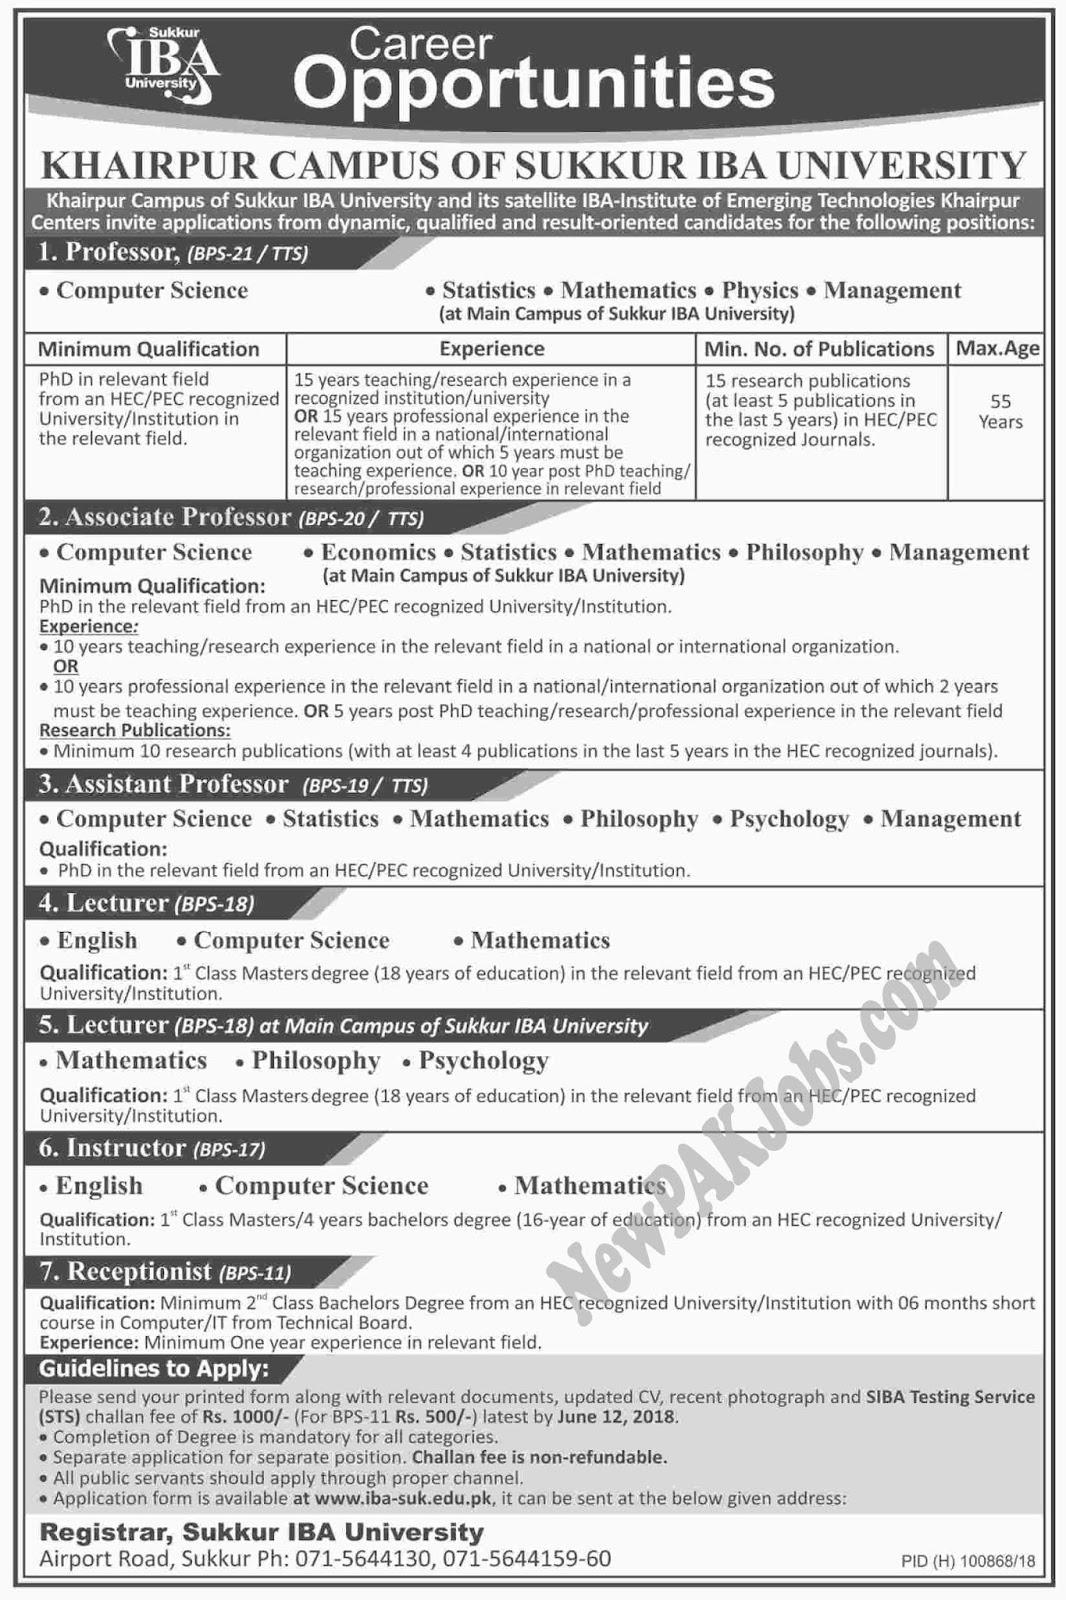 Sukkur IBA University Khairpur Campus Latest Jobs